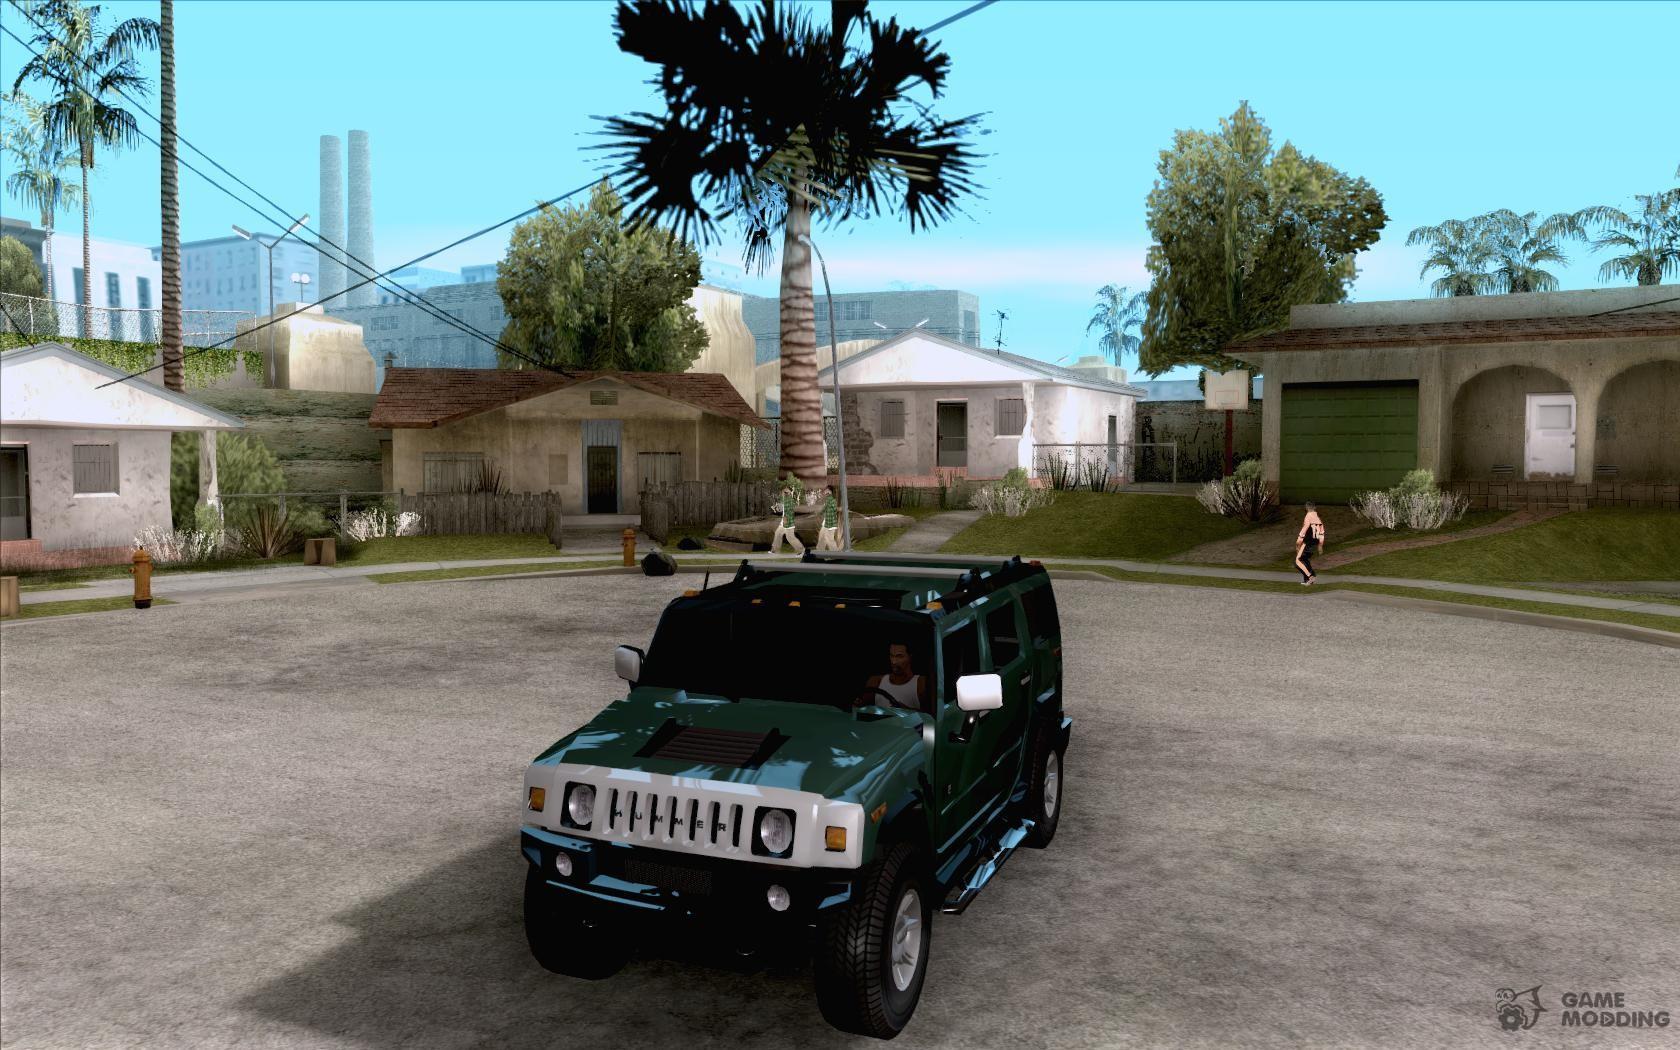 AMG HUMMER H12 SUV for GTA San Andreas | amg hummer